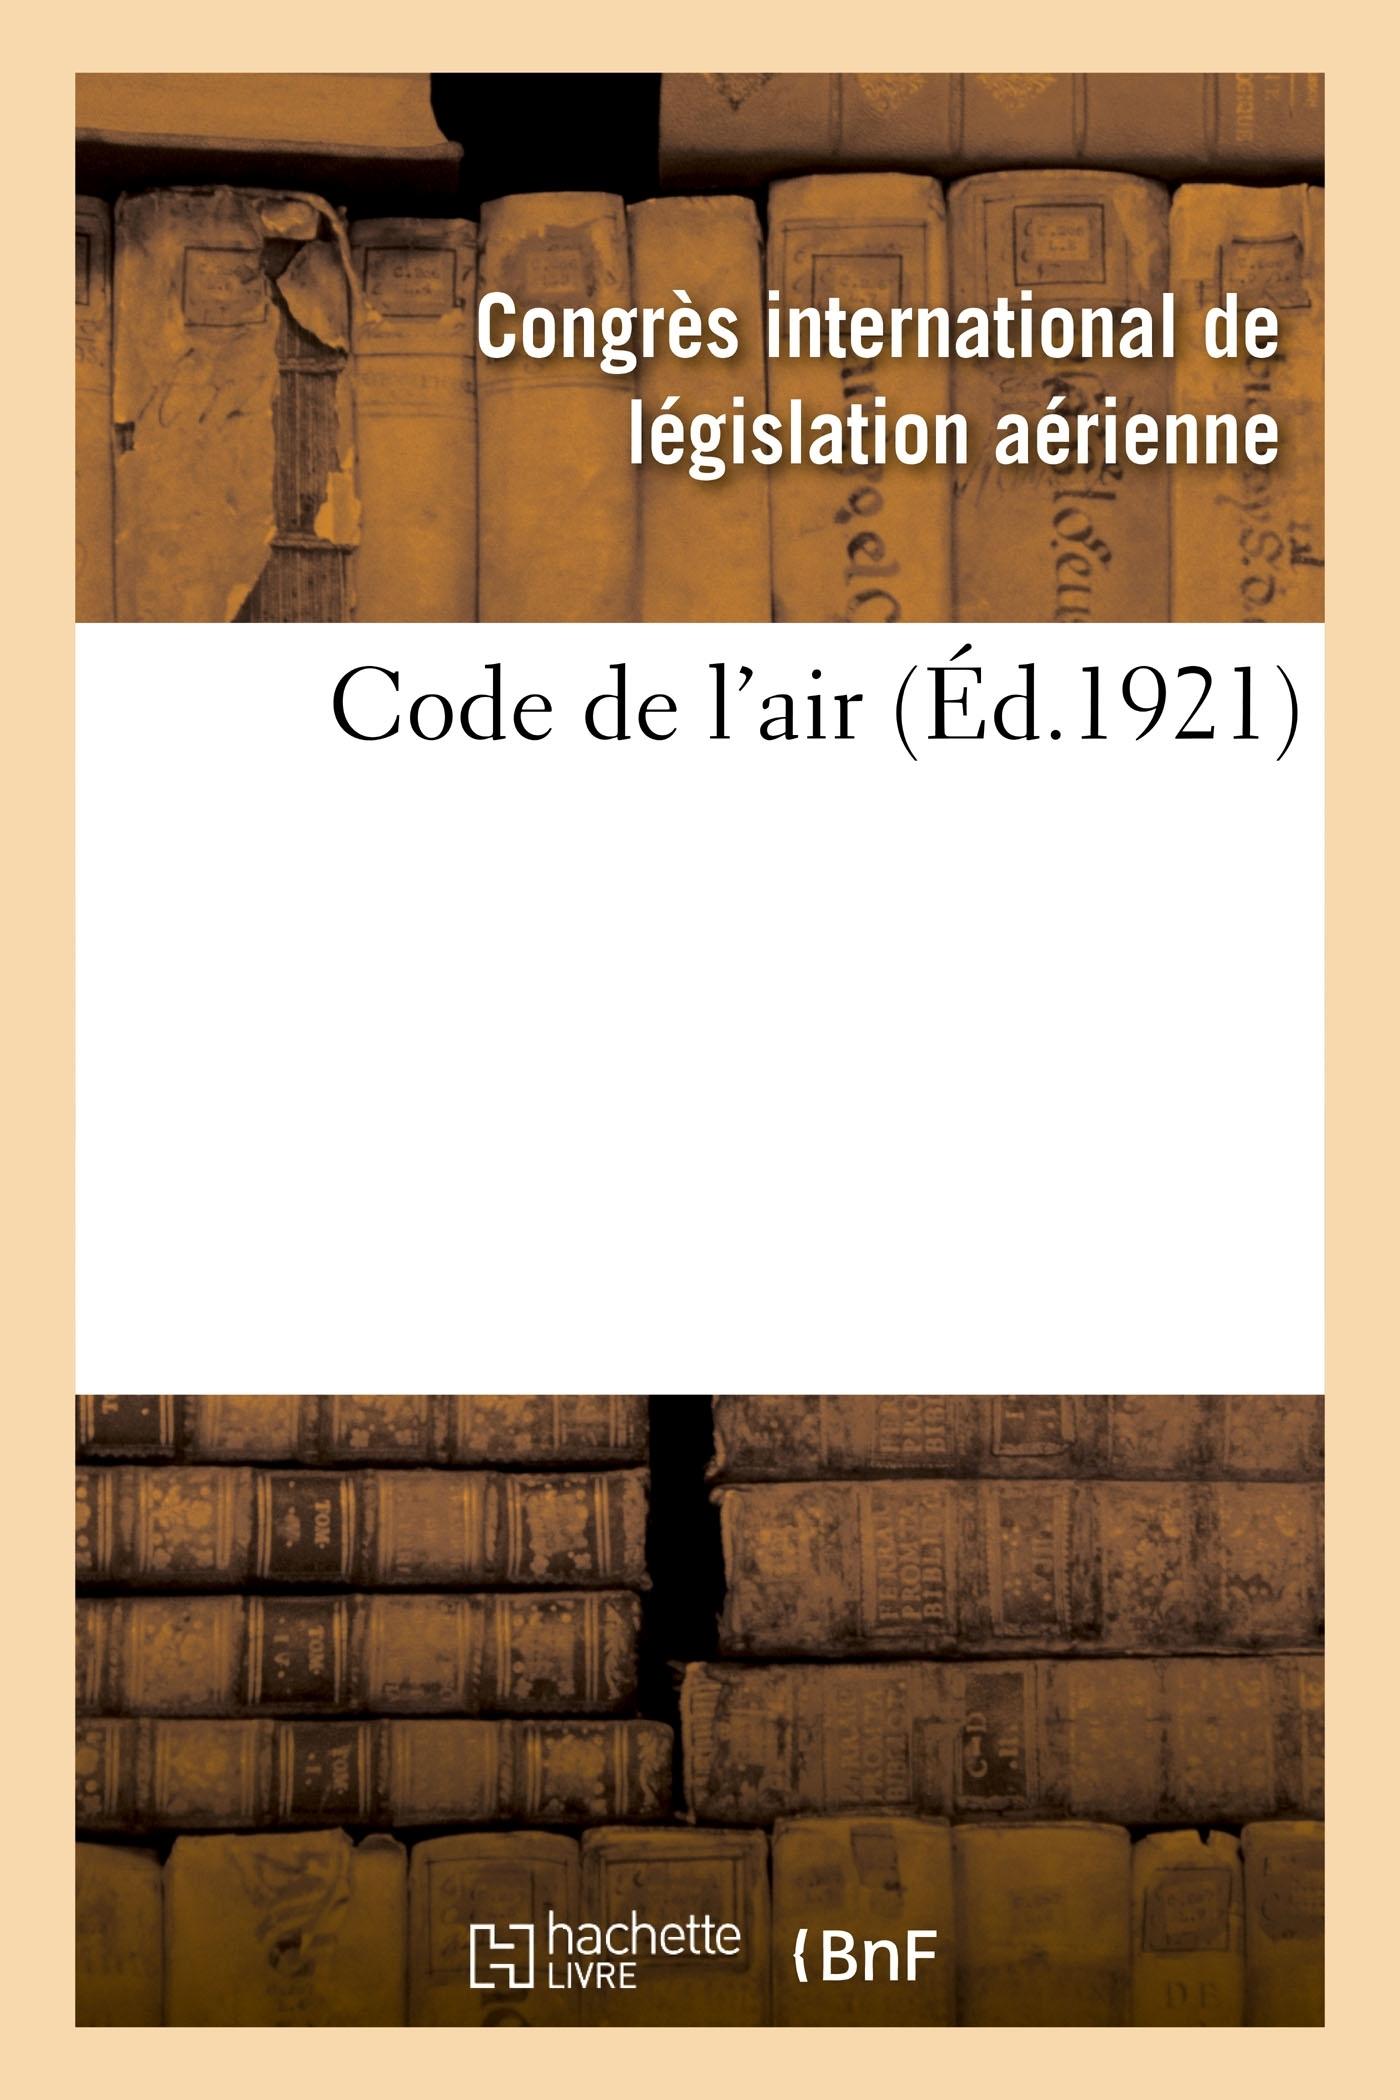 CODE DE L'AIR